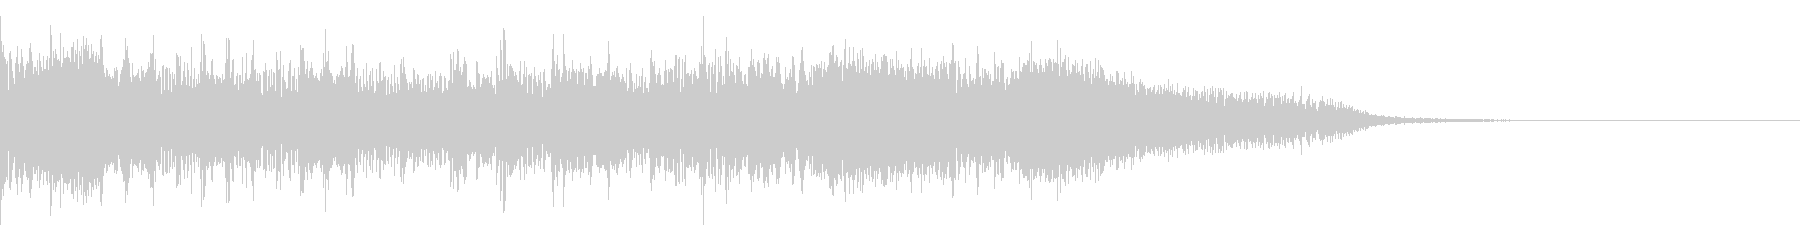 ジングル、サウンドロゴ ROCK02の未再生の波形